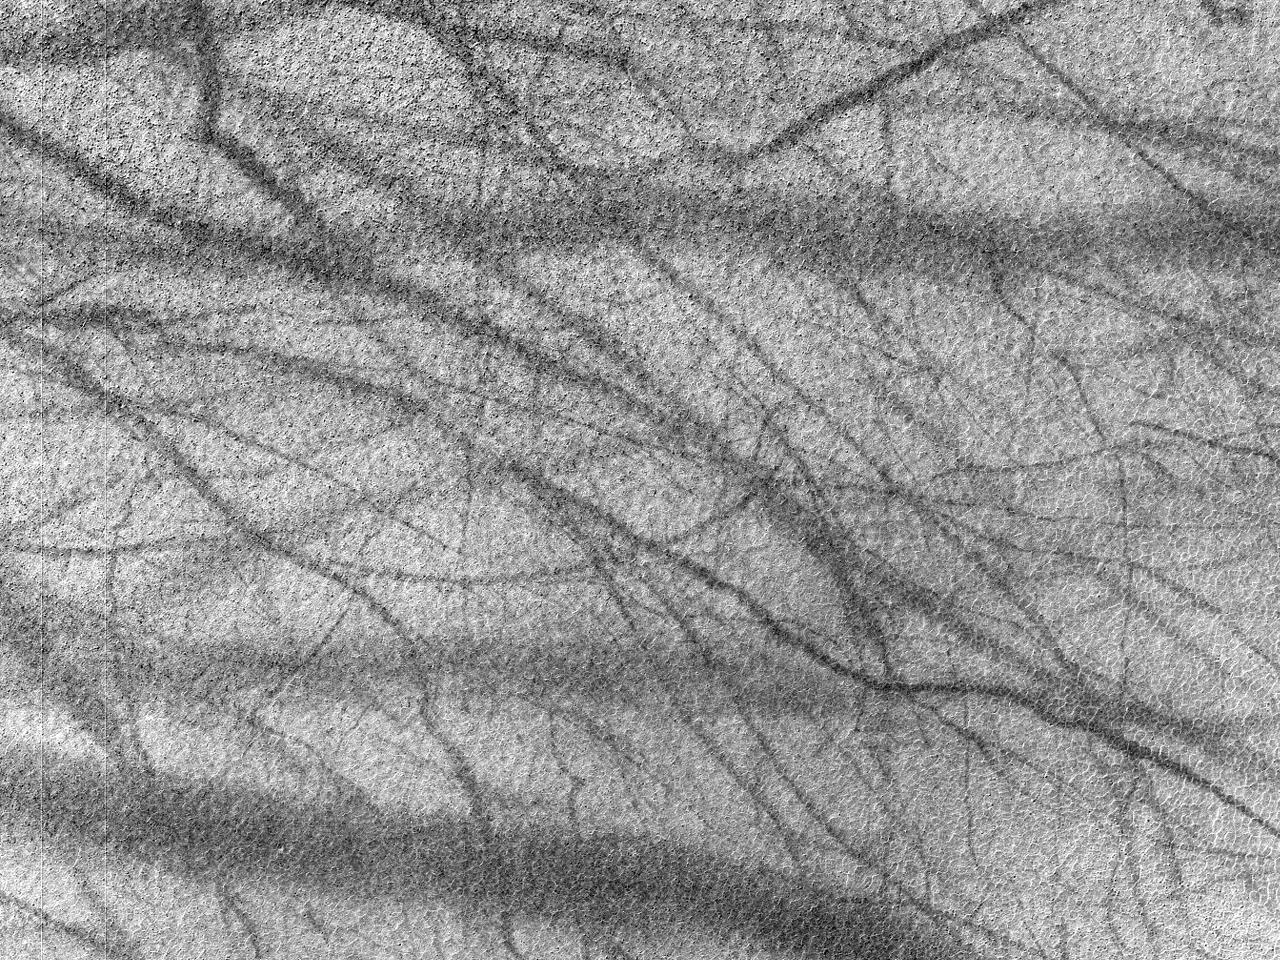 Huellas de torbellinos de polvo en un cráter helado